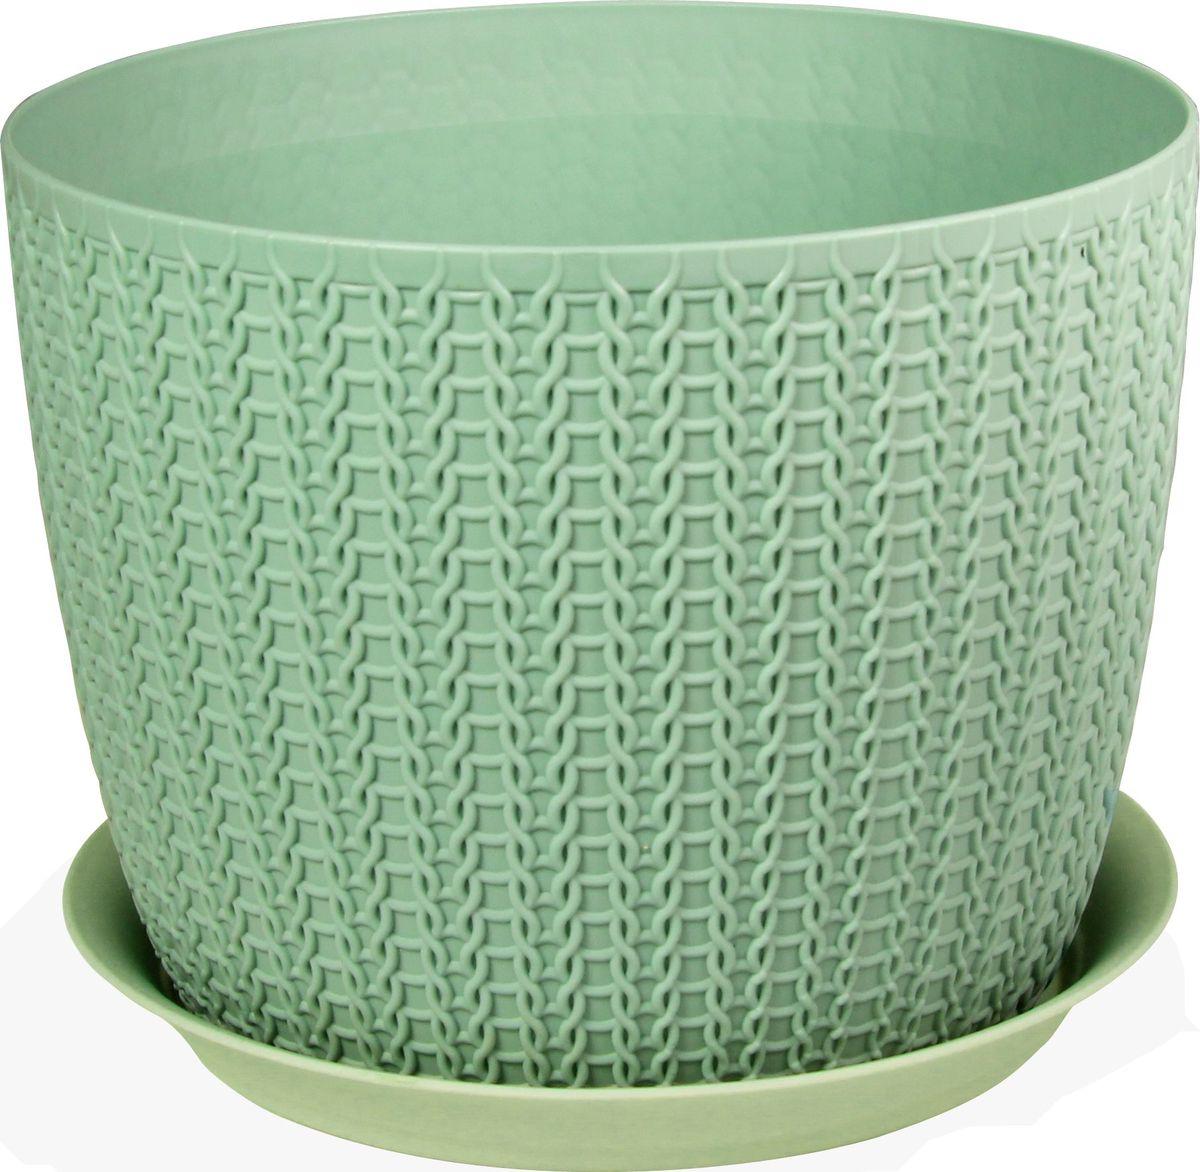 Кашпо Idea Вязание, с поддоном, цвет: фисташковый1,9 л, диаметр 15,5 см. М 3120М 3120_фисташковый